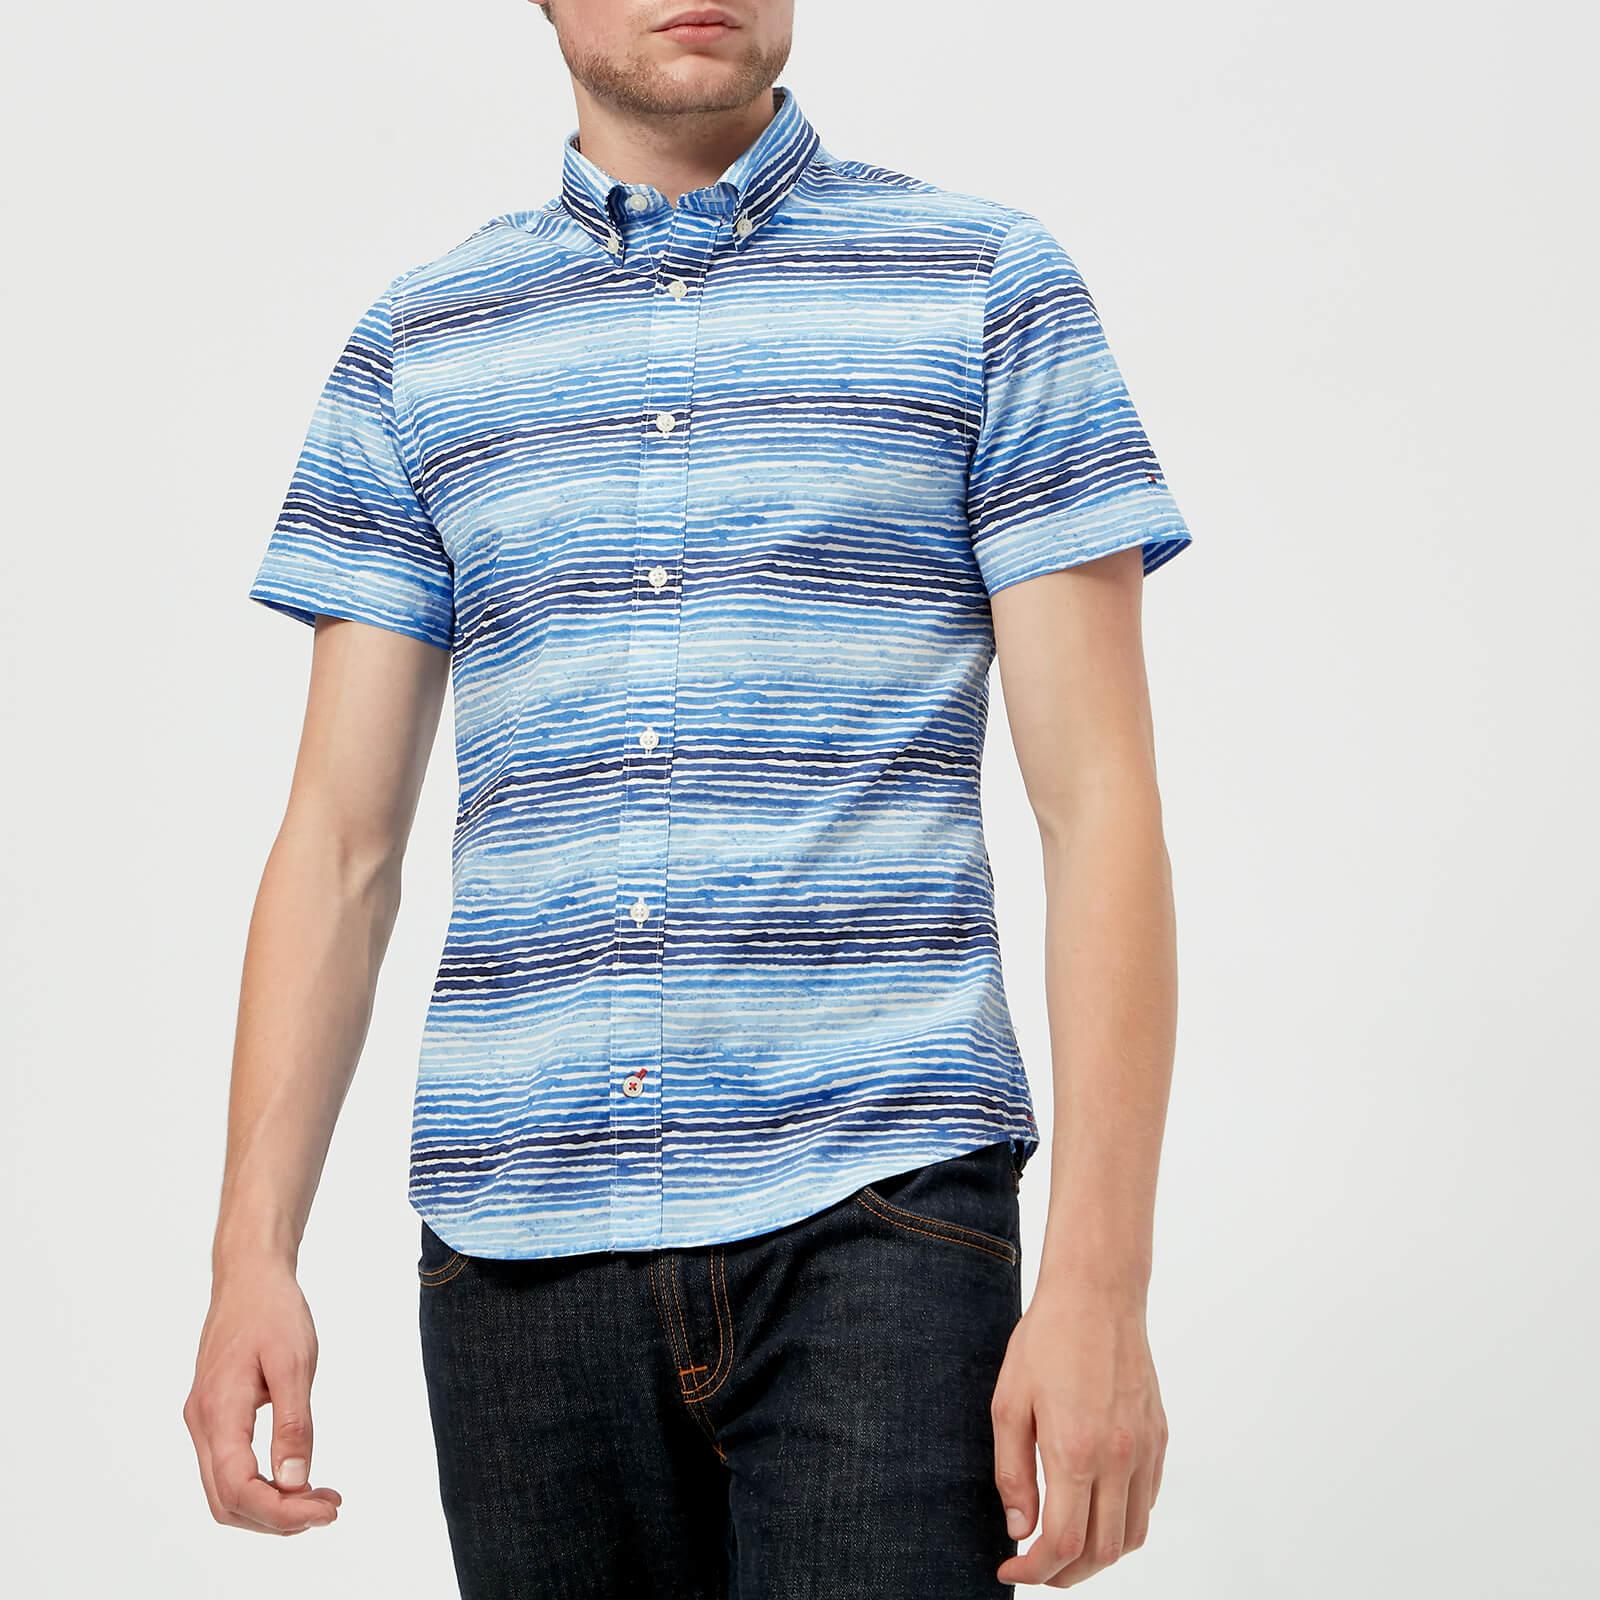 af627ef1a6 Tommy Hilfiger Men's Watercolour Stripe Short Sleeve Shirt - Maritime Blue